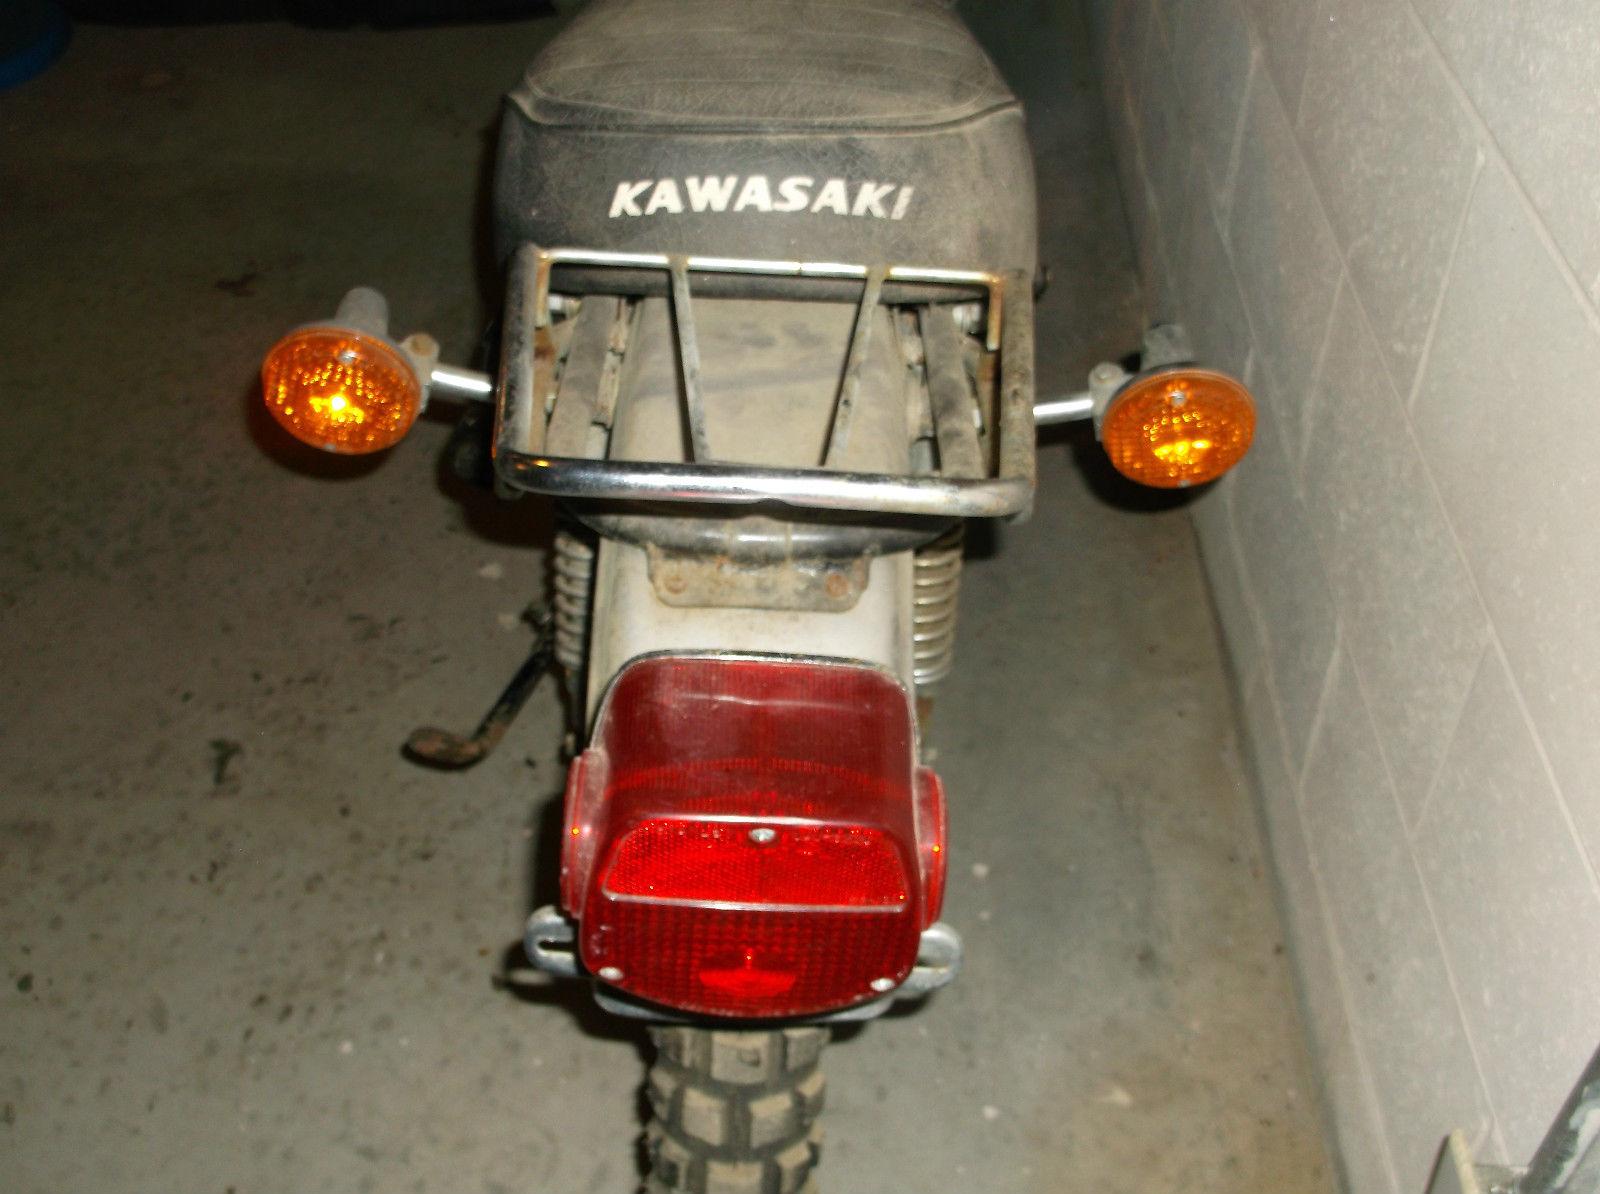 Kawasaki Trail Boss Street Legal